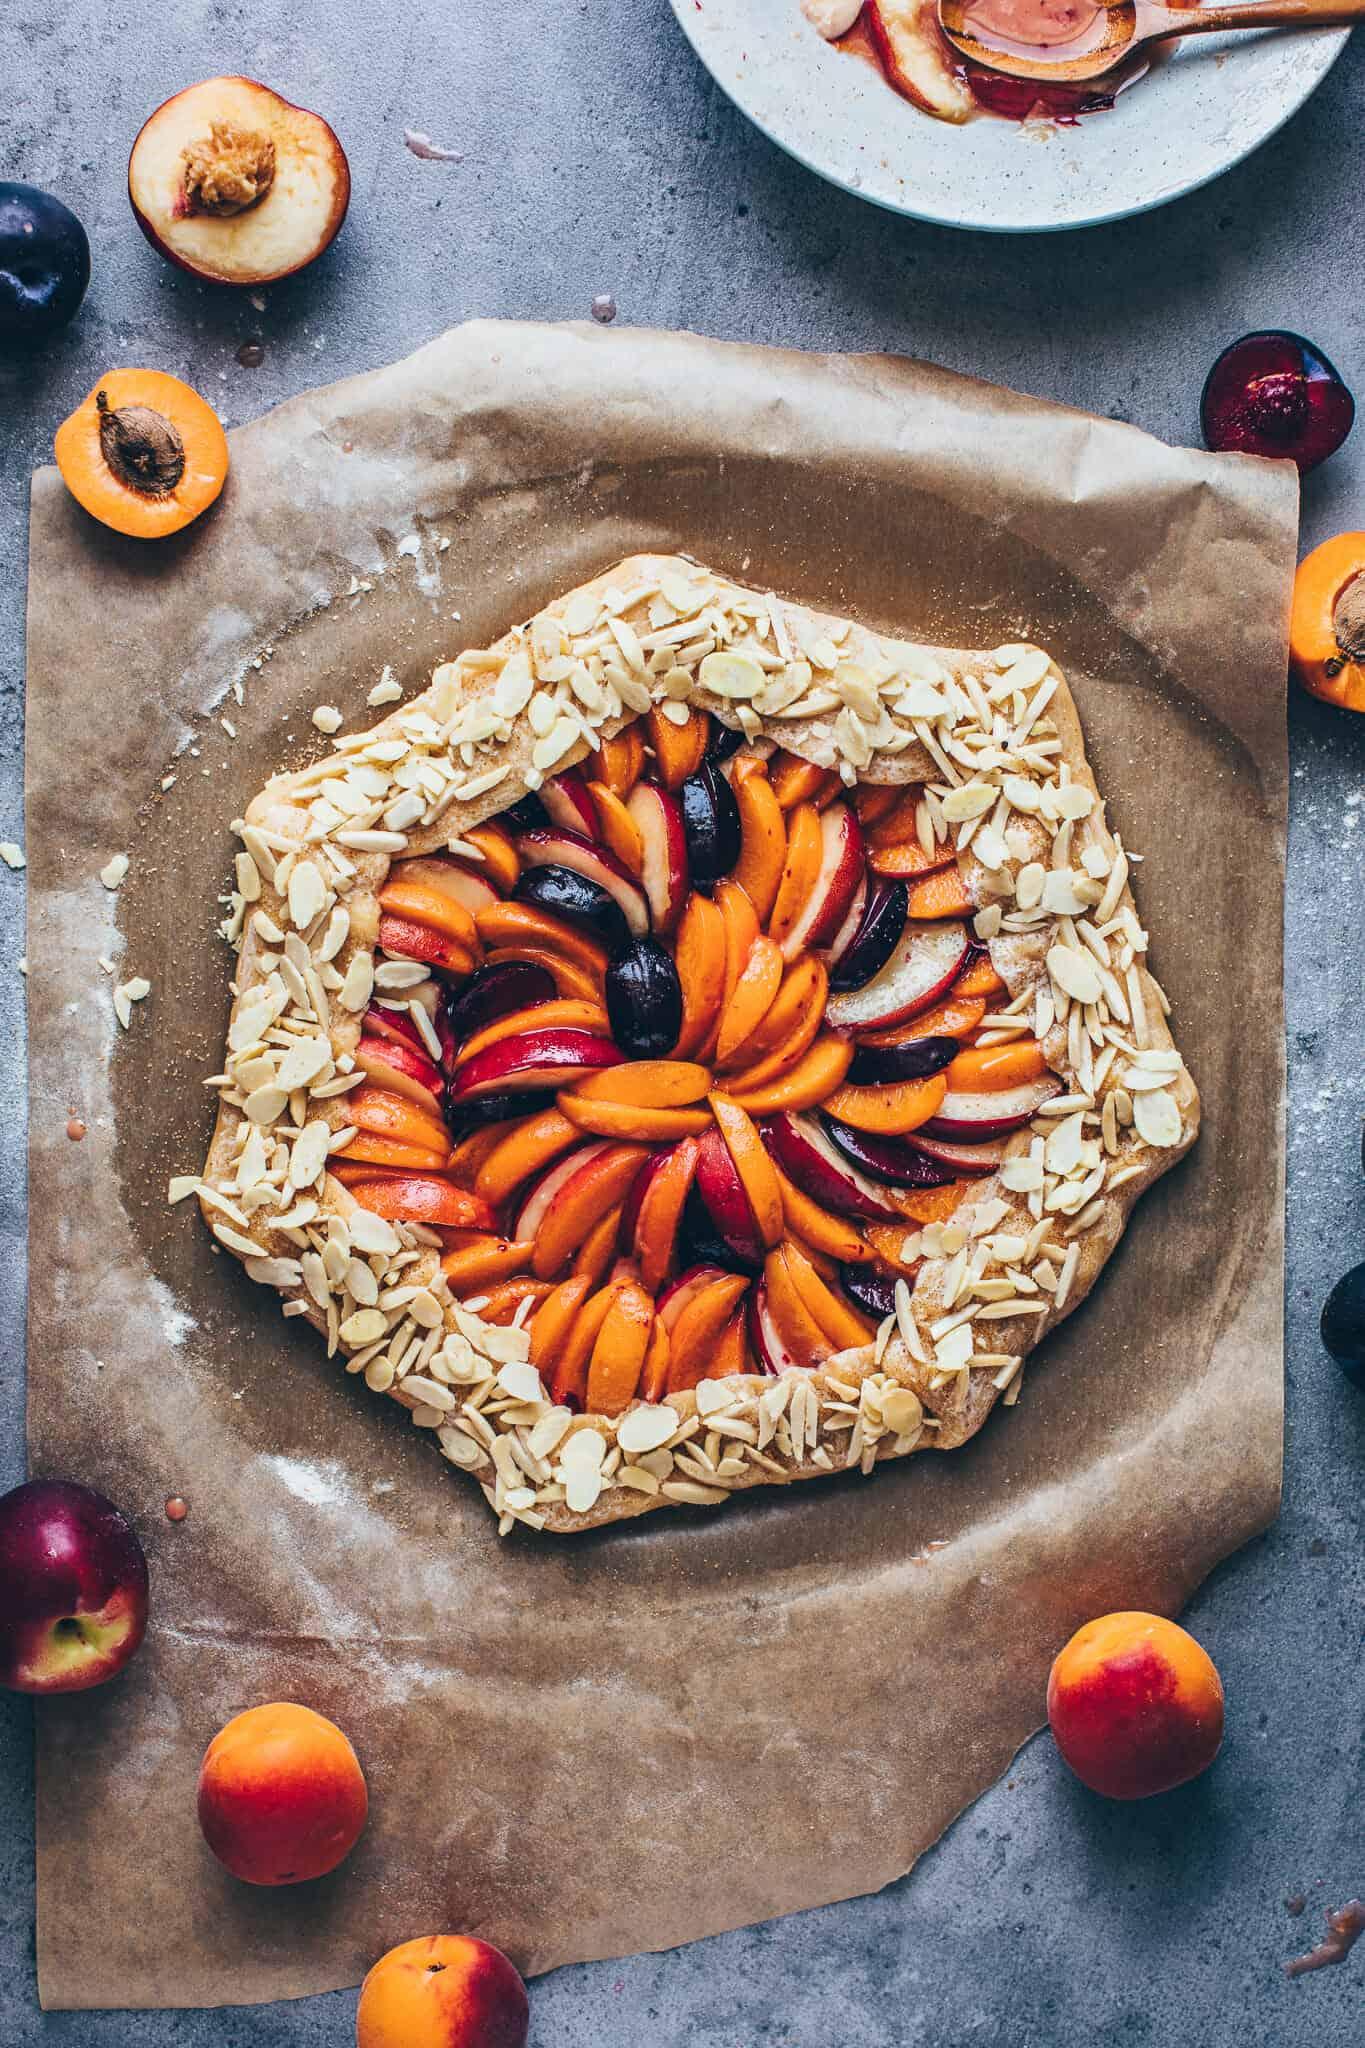 Obst Galette Rezept mit Mandeln, Pfirsichen, Aprikosen, Nektarinen, Pflaumen. Veganer Mürbeteig.